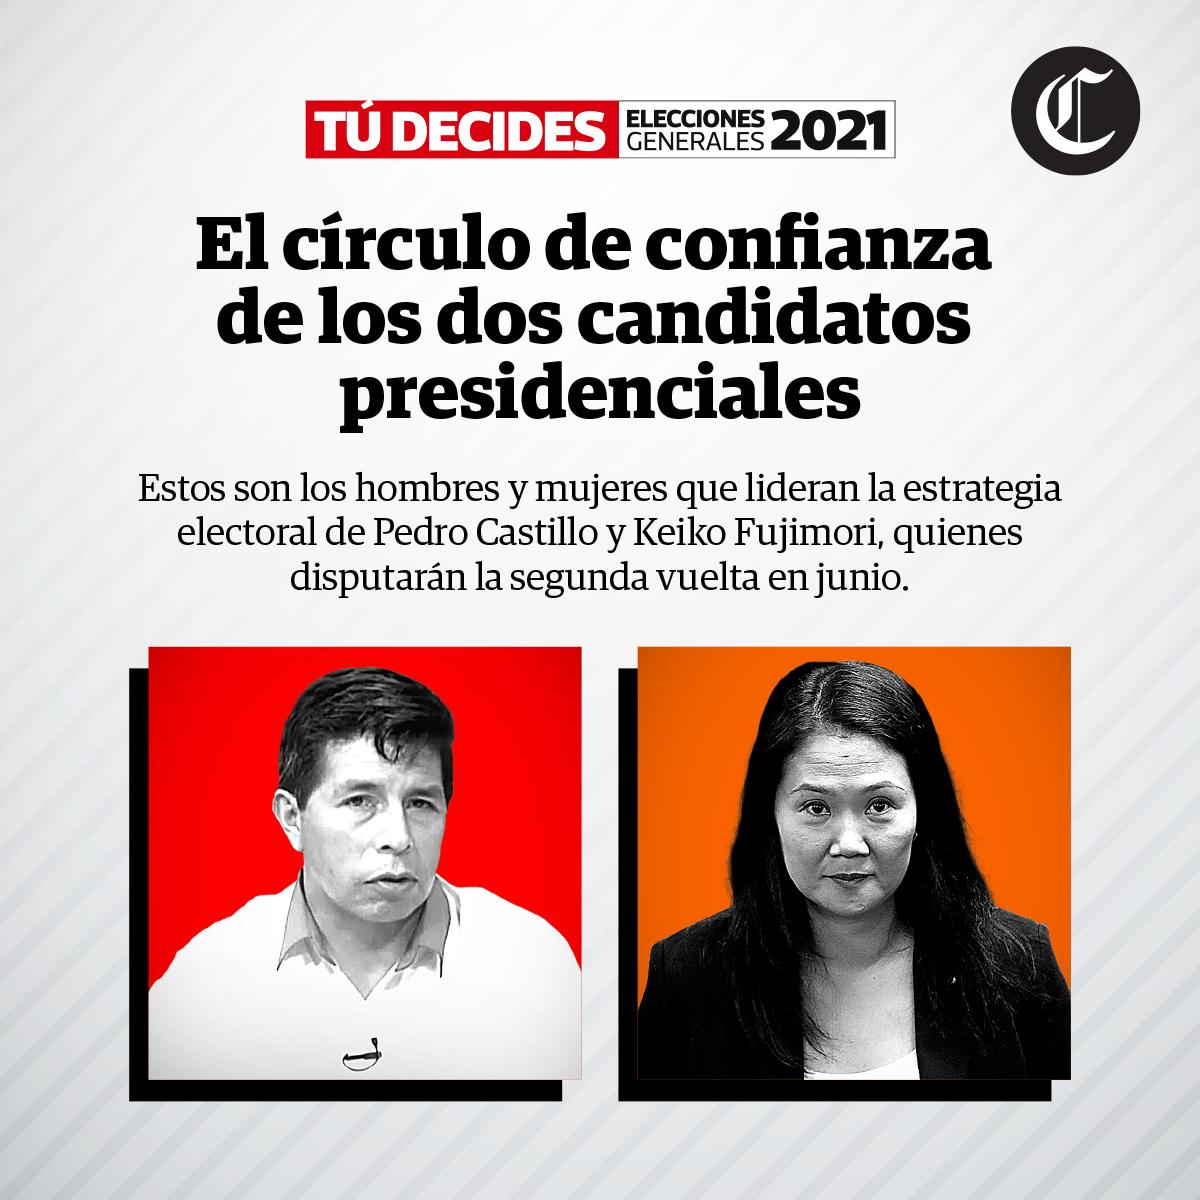 Círculos de confianza: ¿A quiénes escuchan Pedro Castillo y Keiko Fujimori?